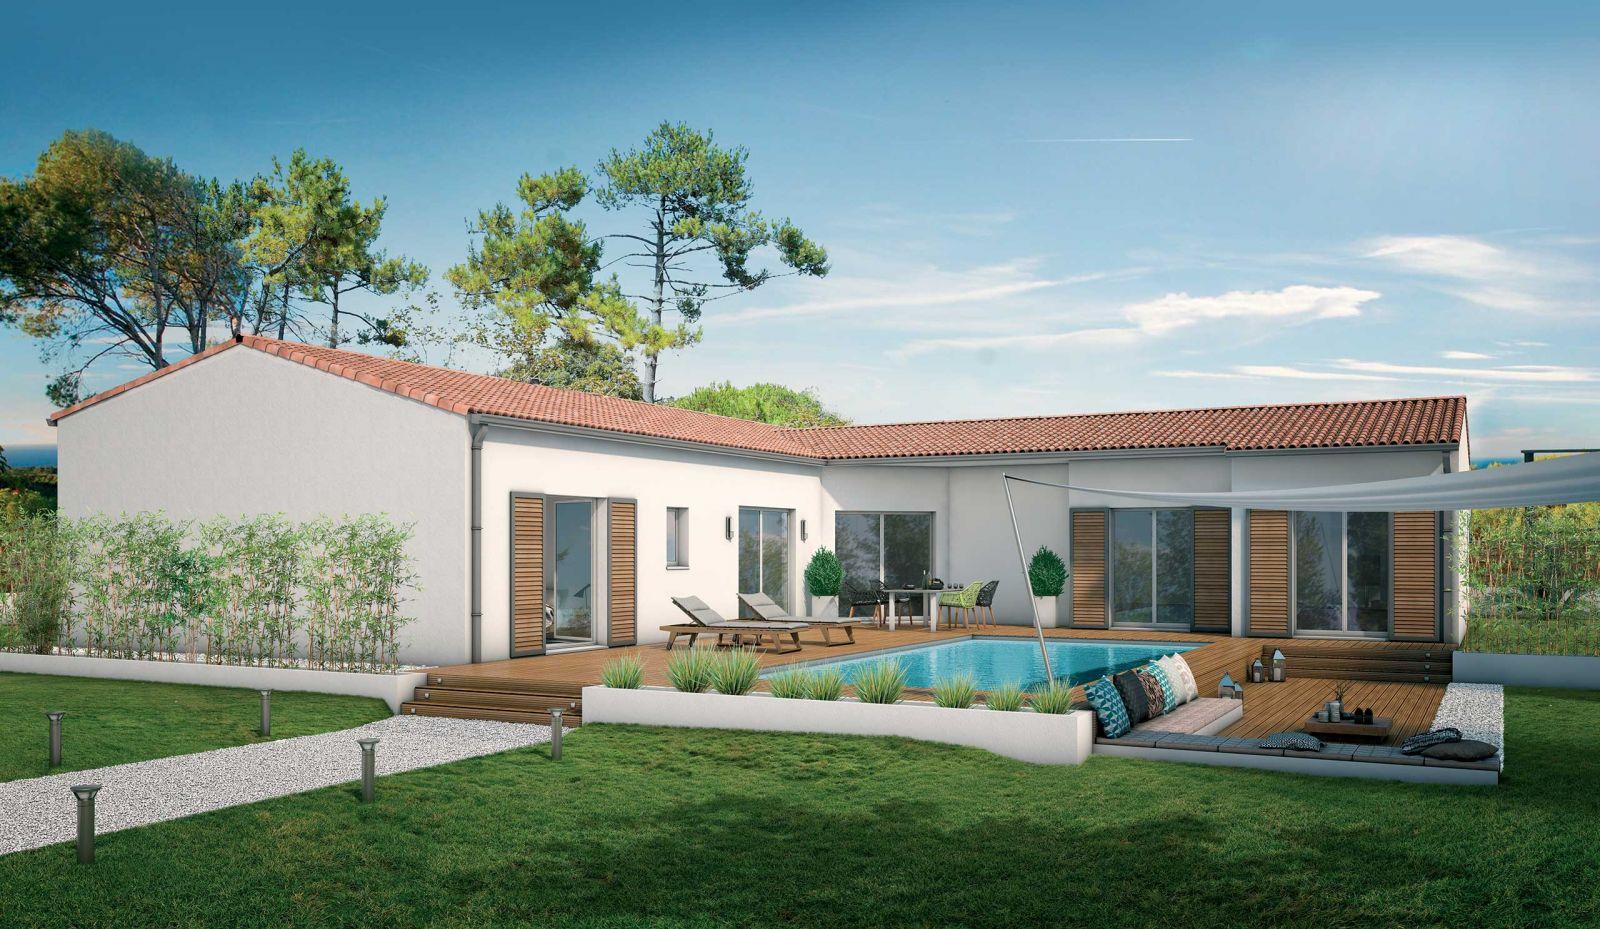 Modèle de maison Tamaris : une villa tournée vers l'extérieur